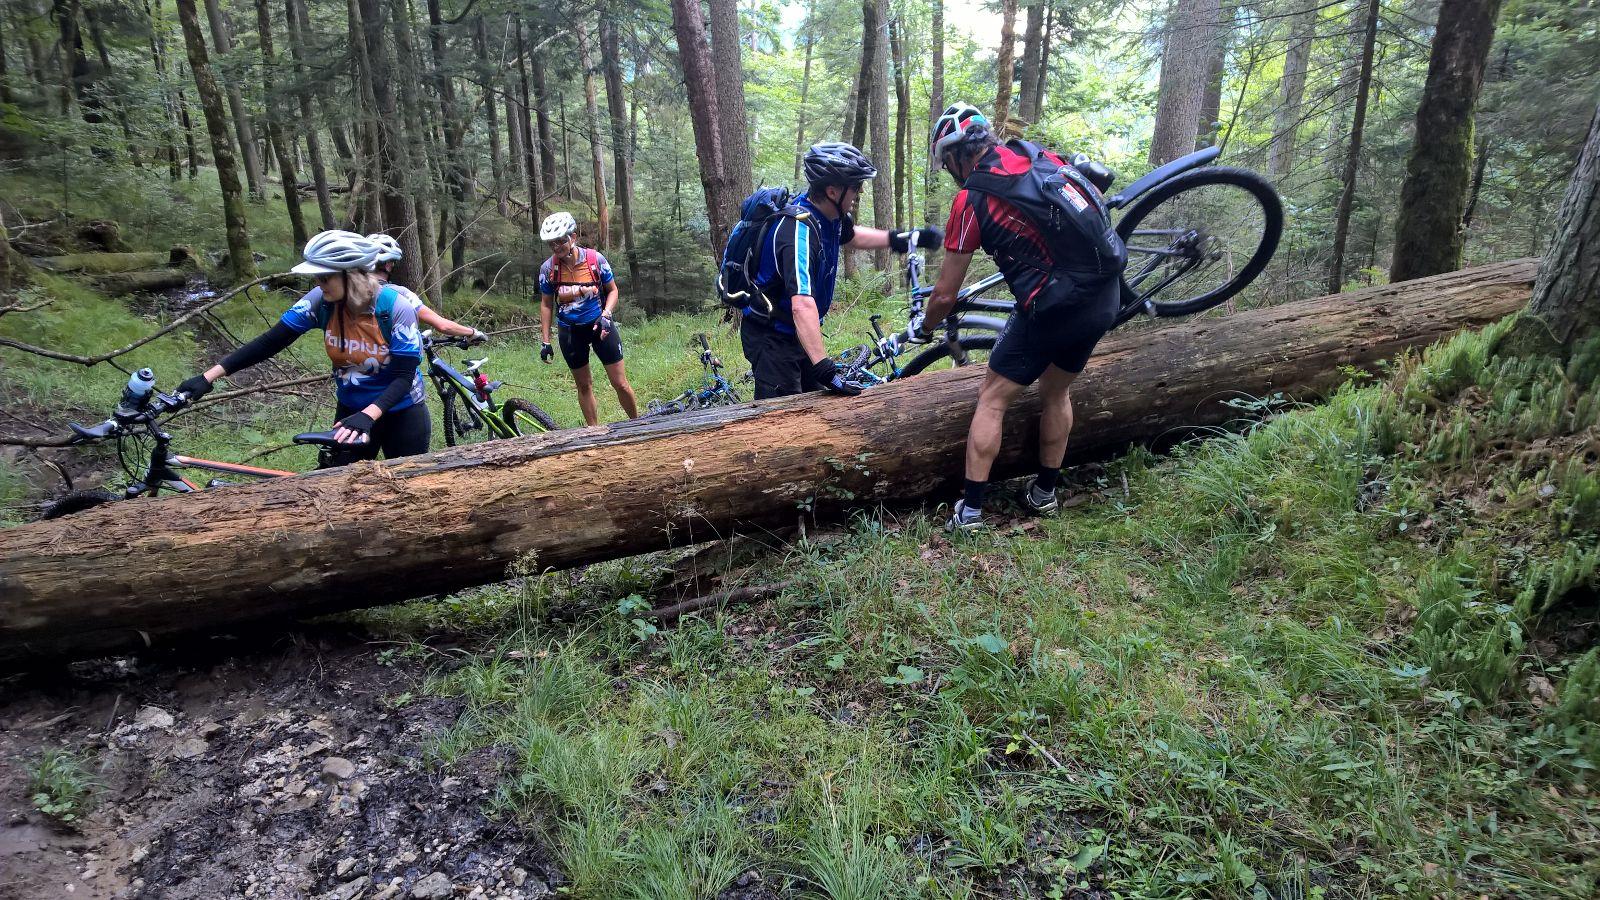 Neue Mountainbike-Touren Gesucht